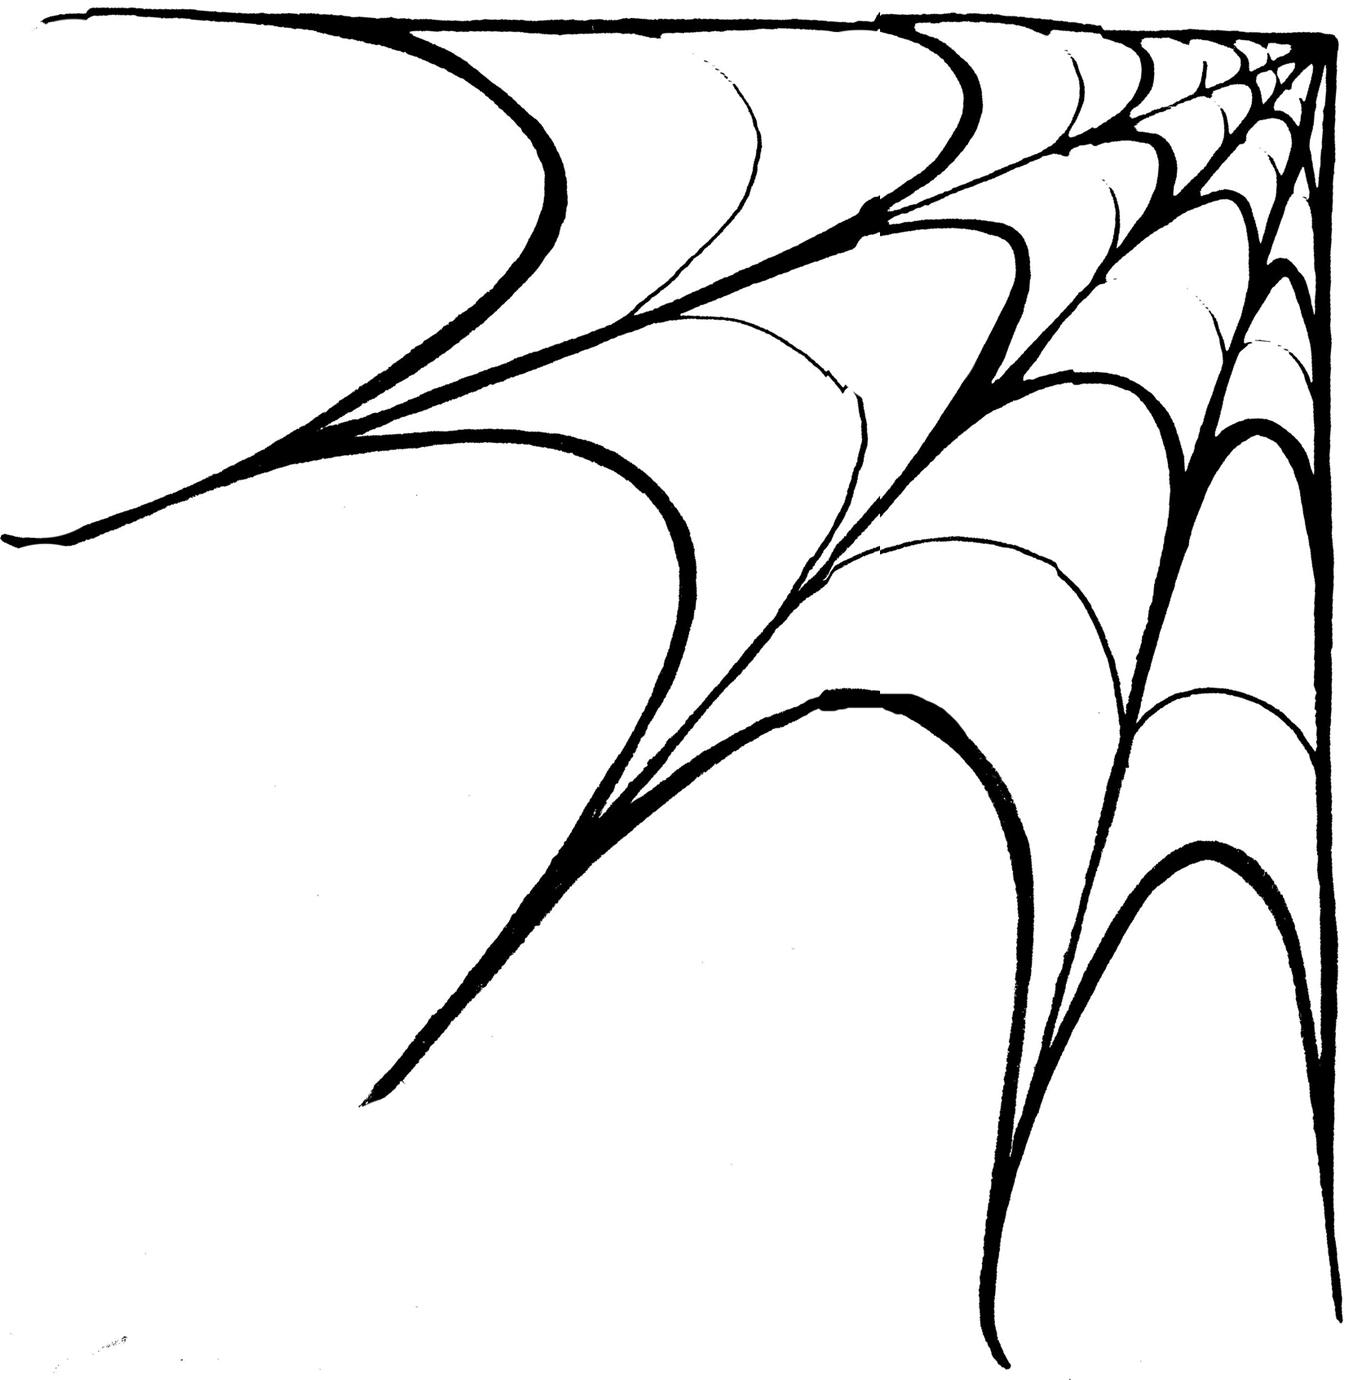 1360x1380 Halloween Clipart Spiderweb